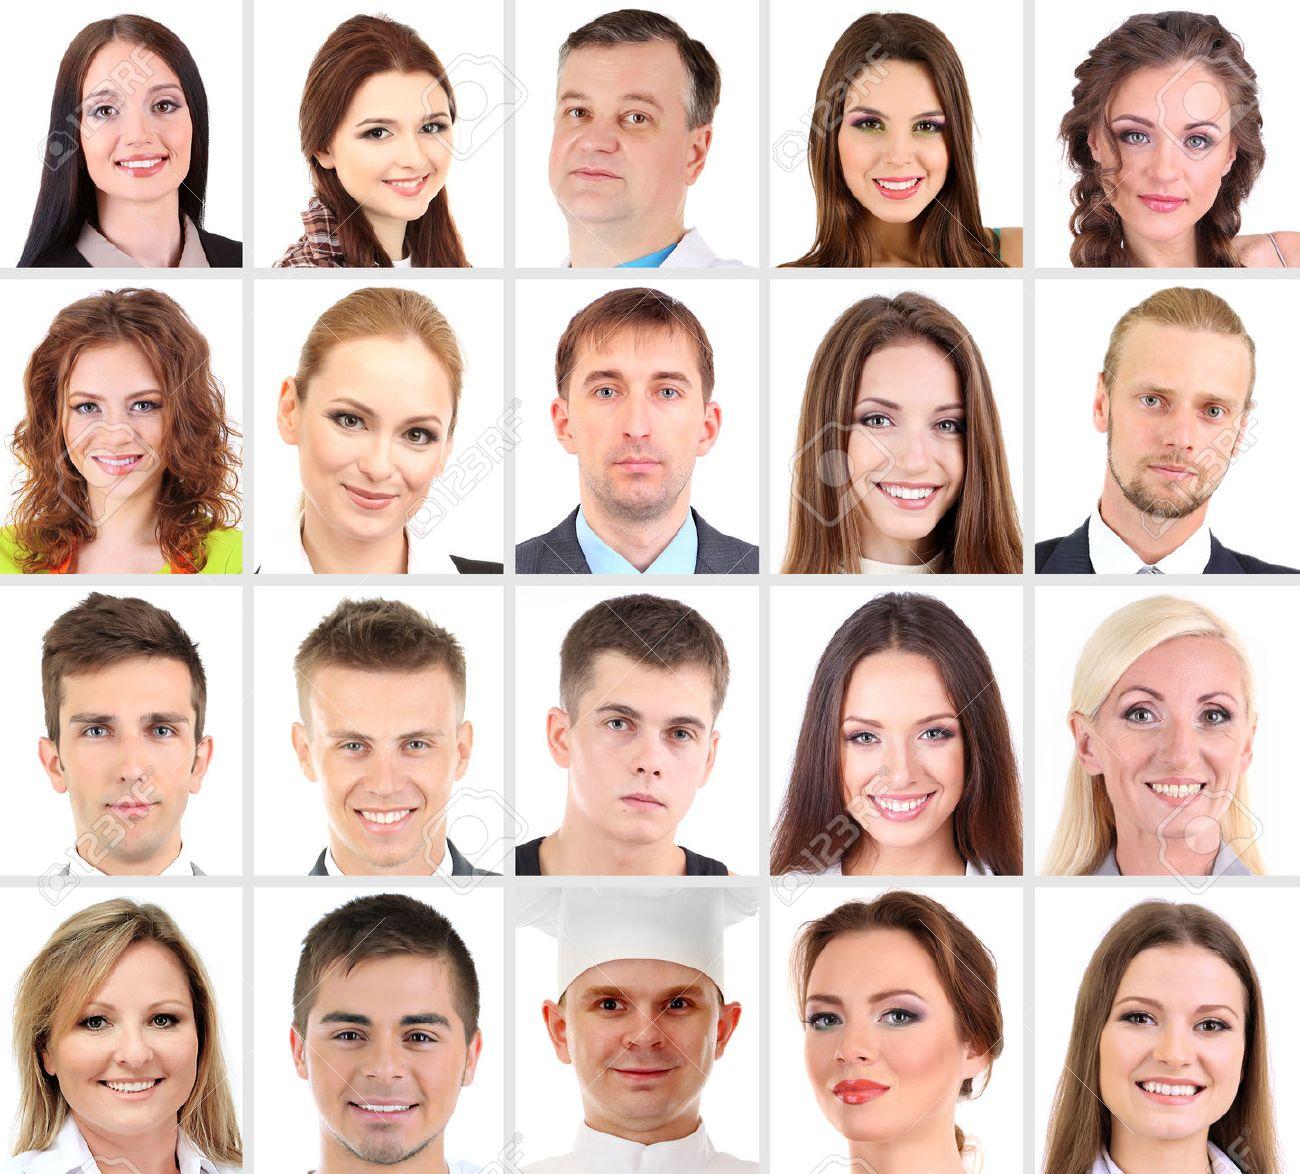 Что такое эякуяция на лицо 1 фотография